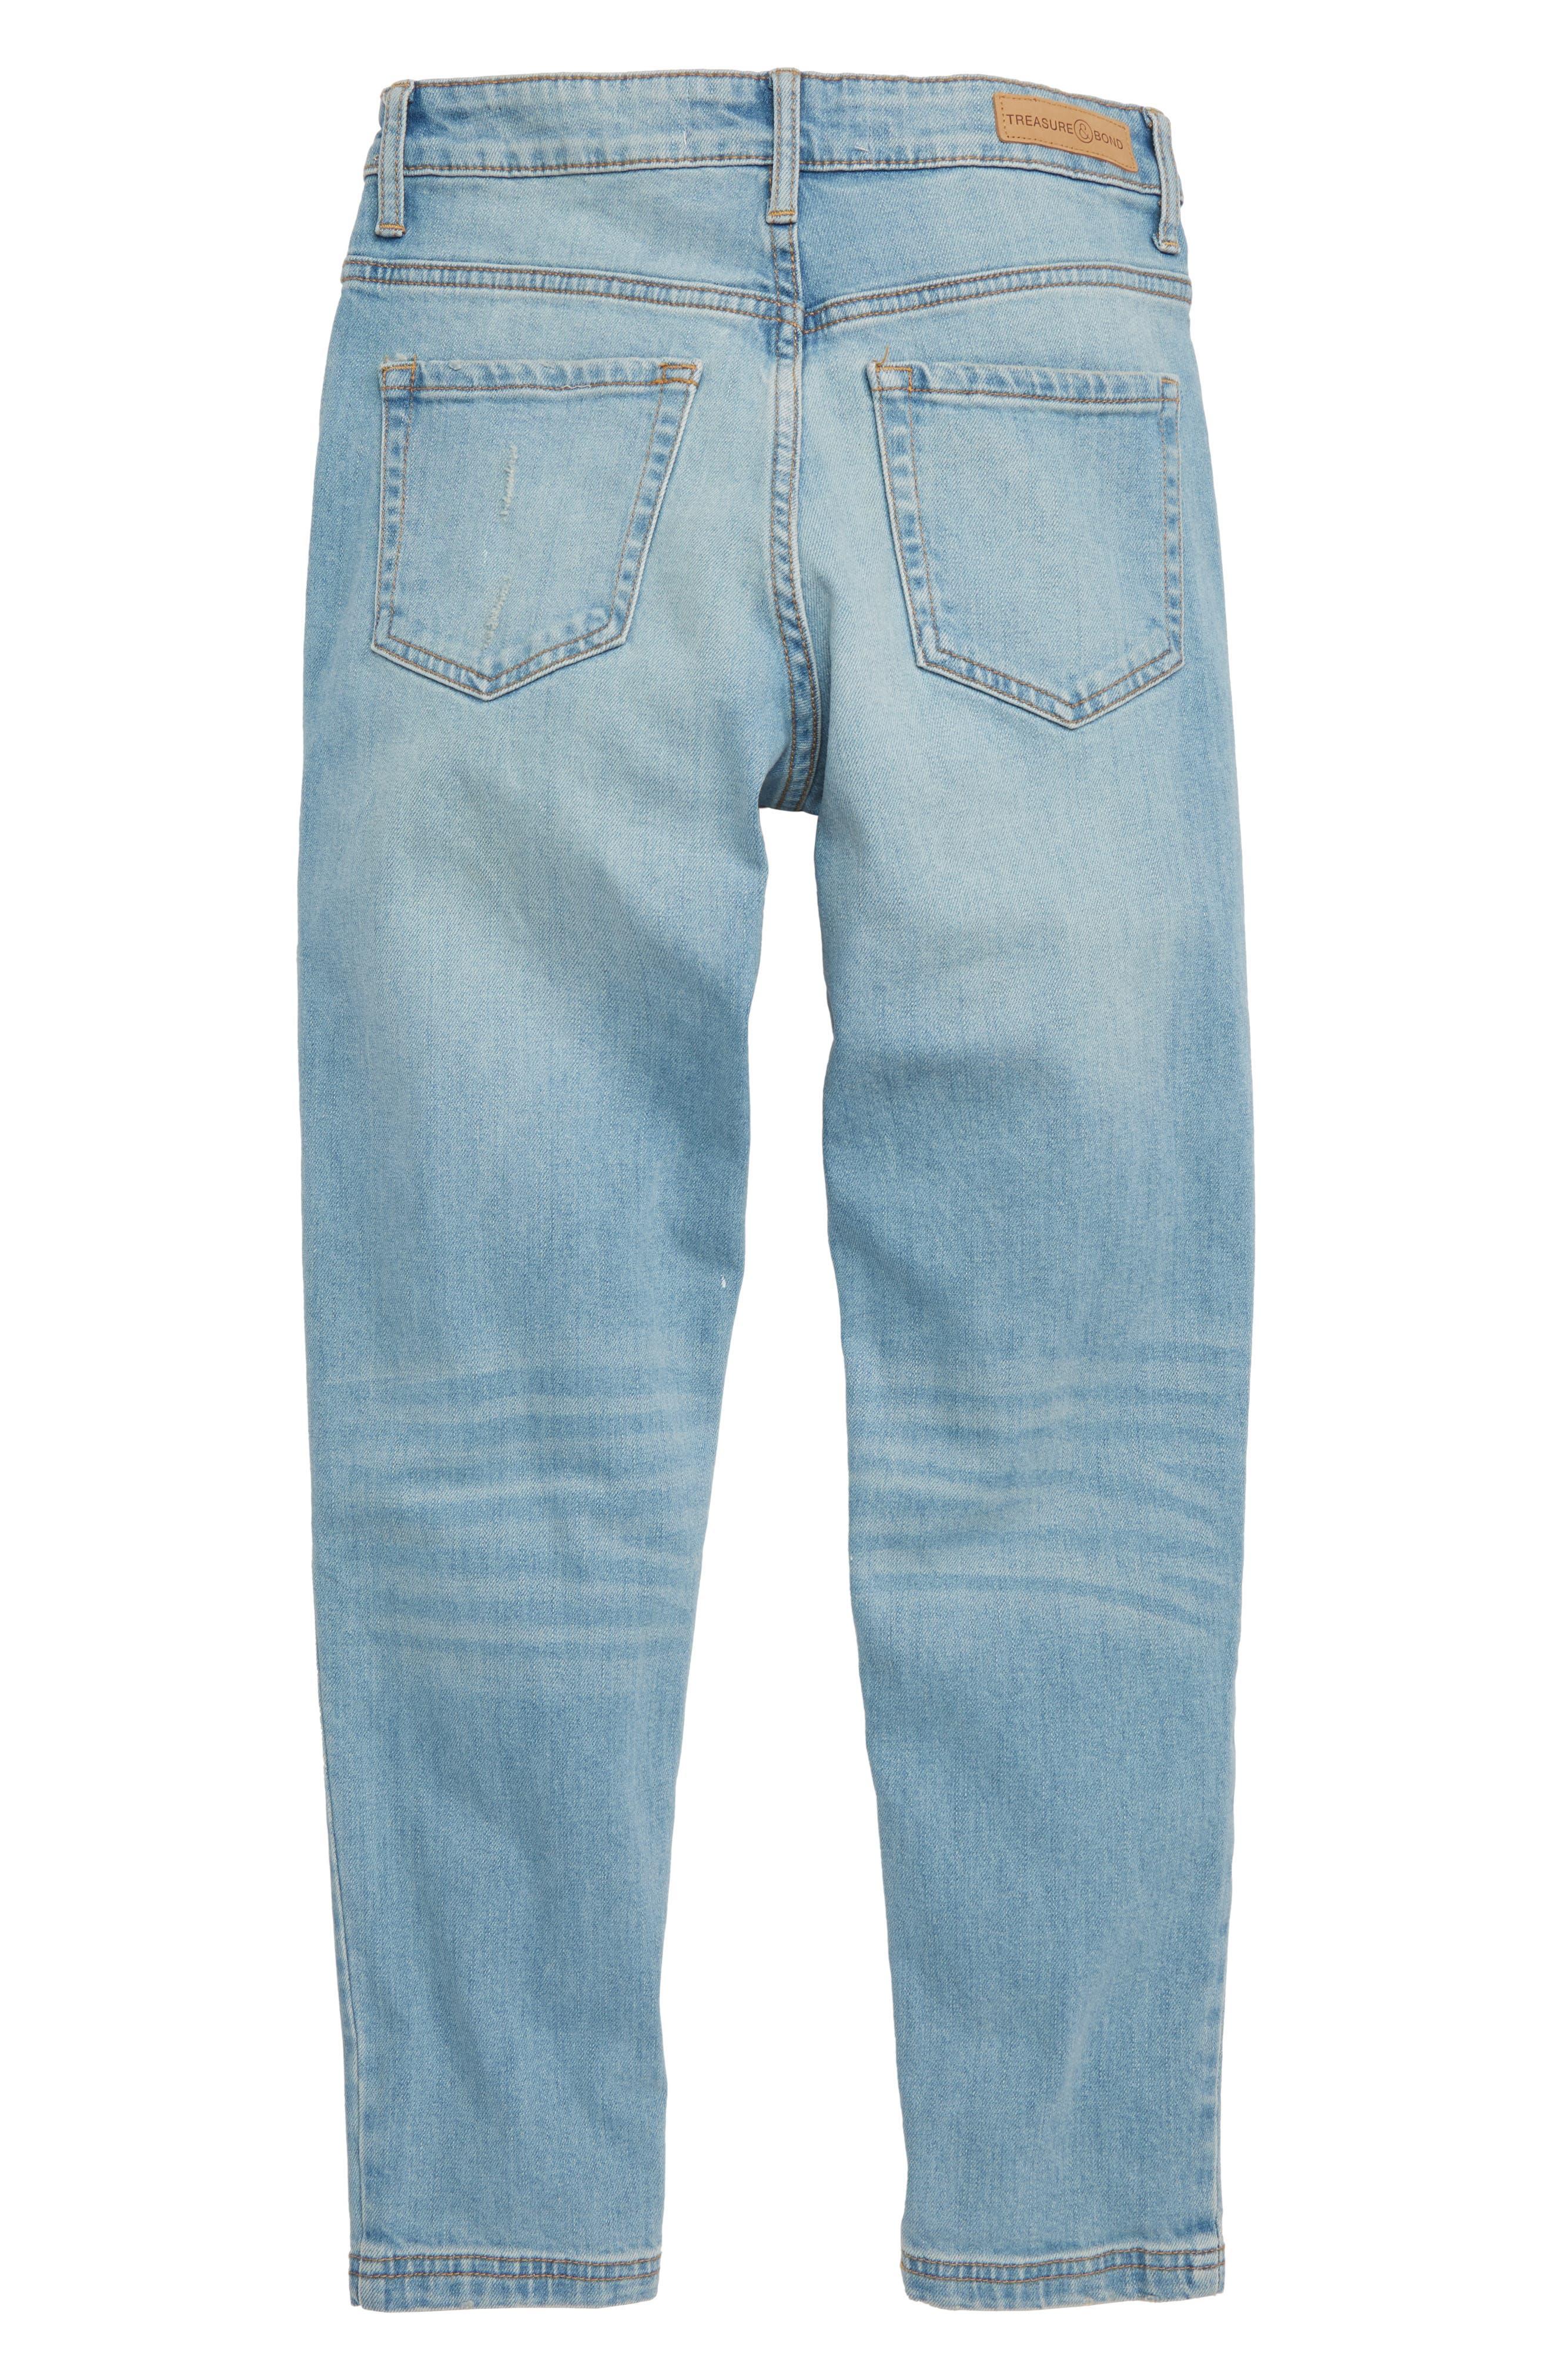 High Waist Mum Jeans,                             Alternate thumbnail 2, color,                             RAPIDS WASH